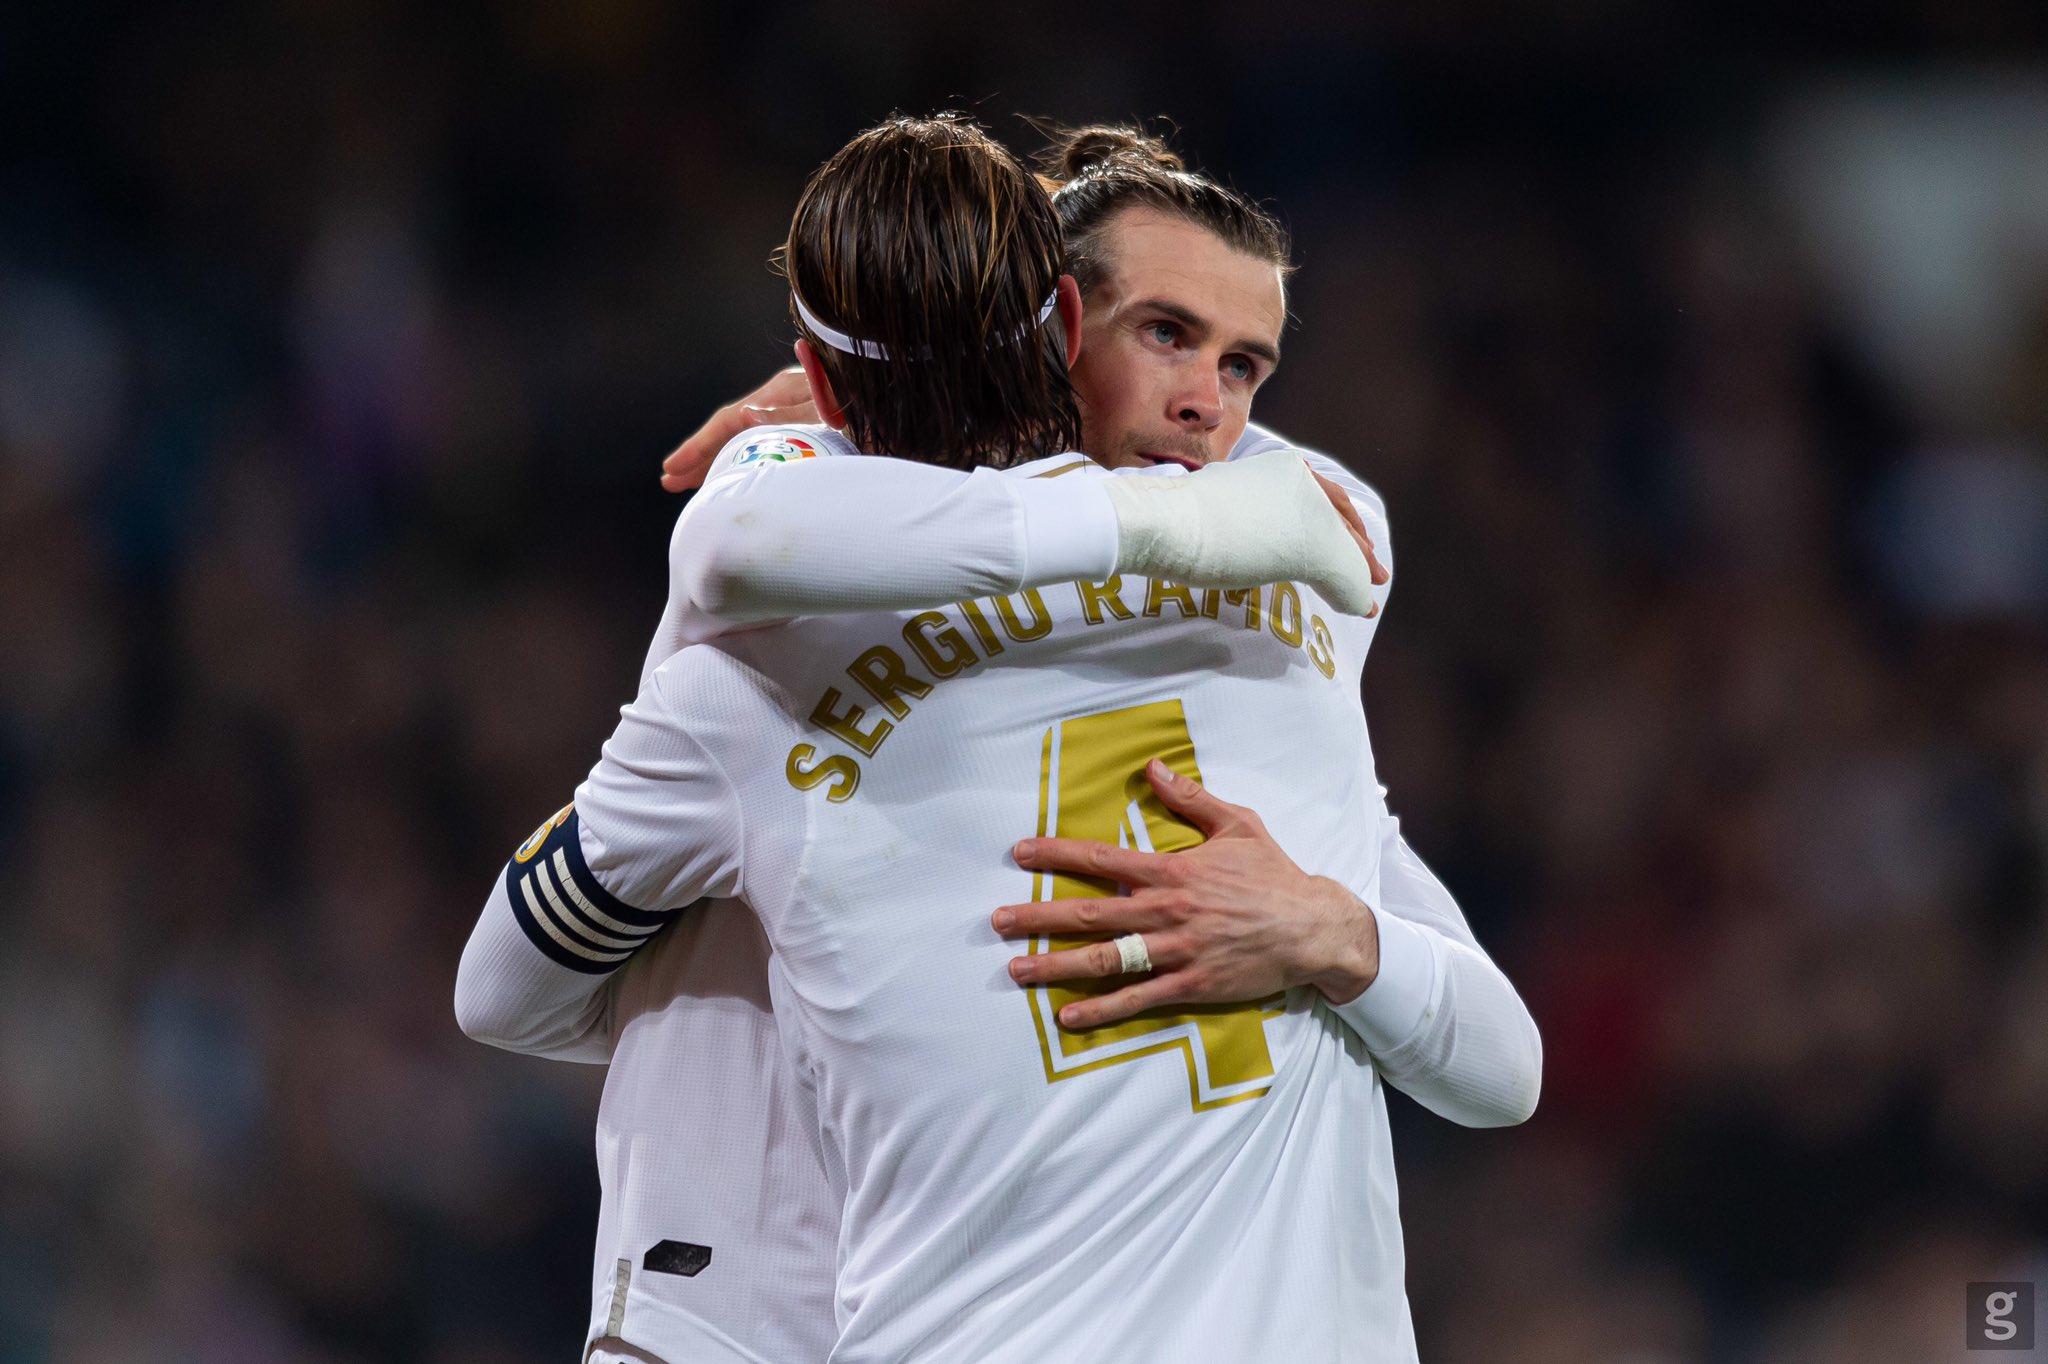 Gareth Bale ¿a la MLS?. Foto: Gareth Bale